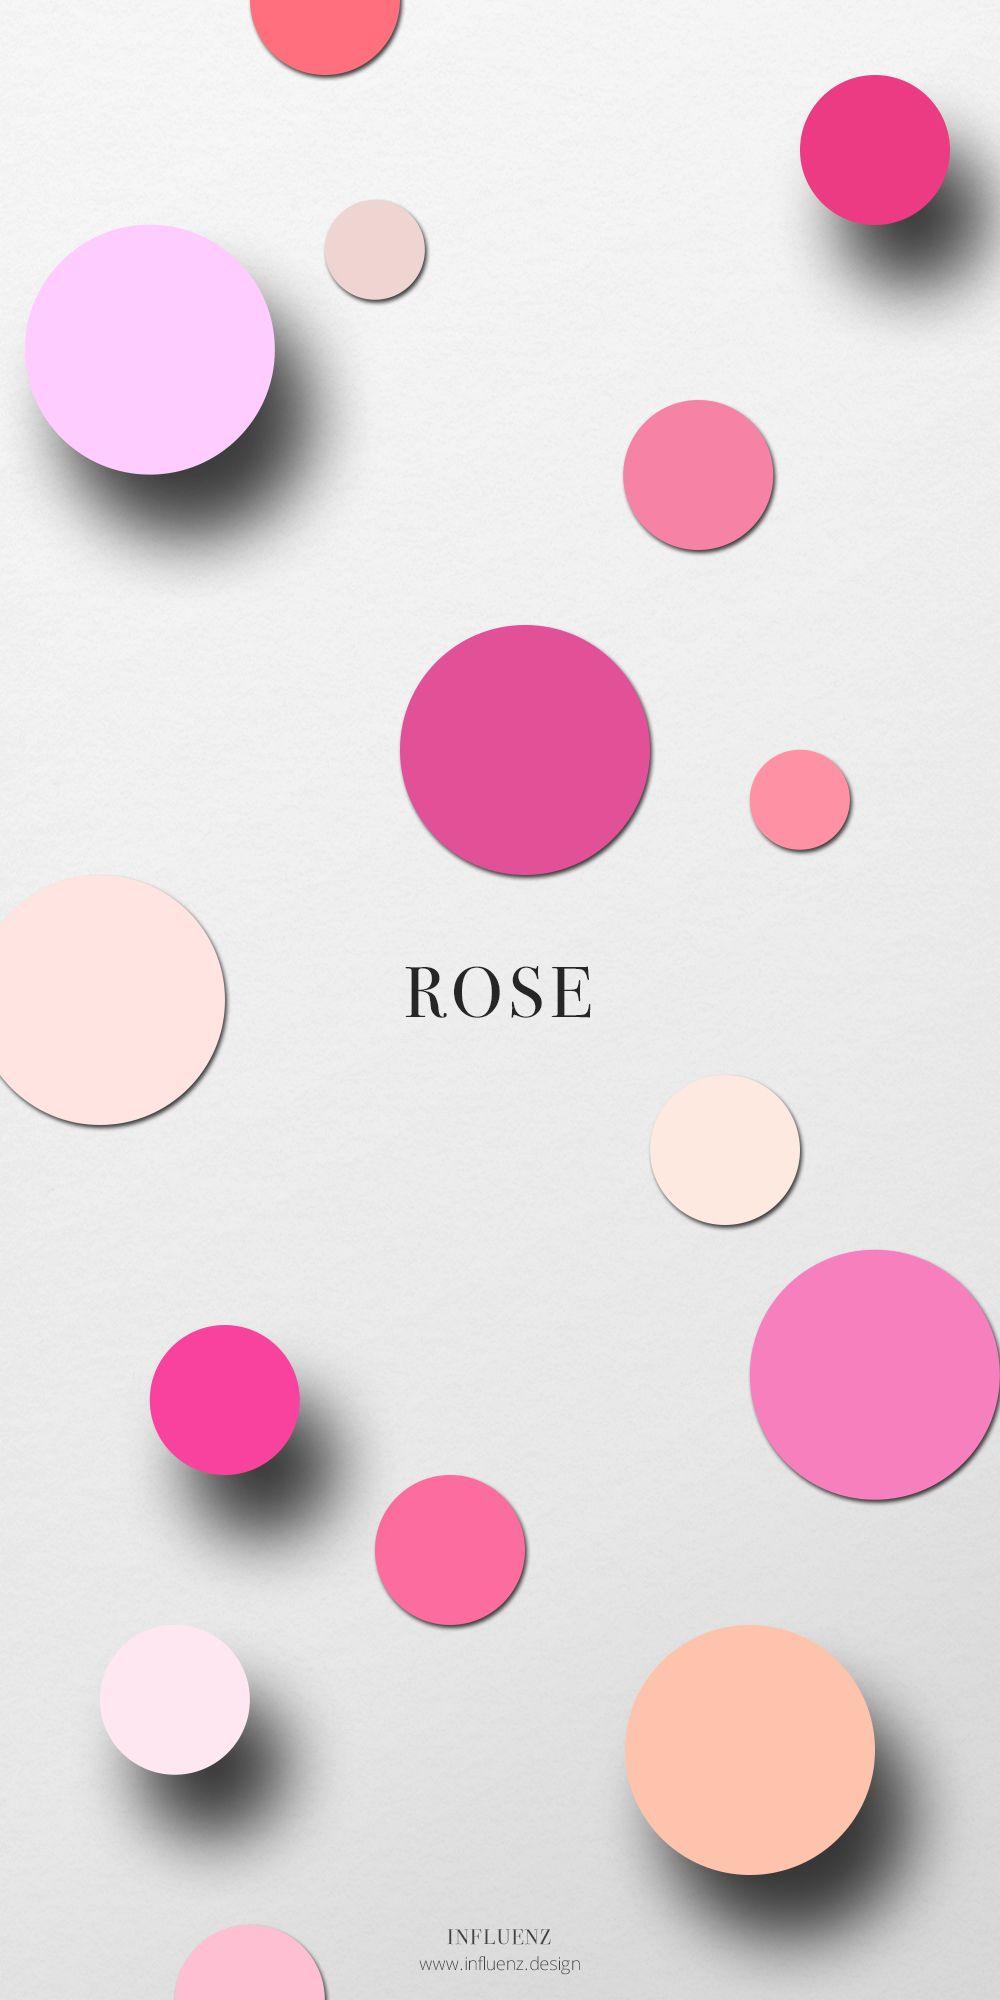 Influenz Rose Champ Chromatique Nom Des Couleurs Rose